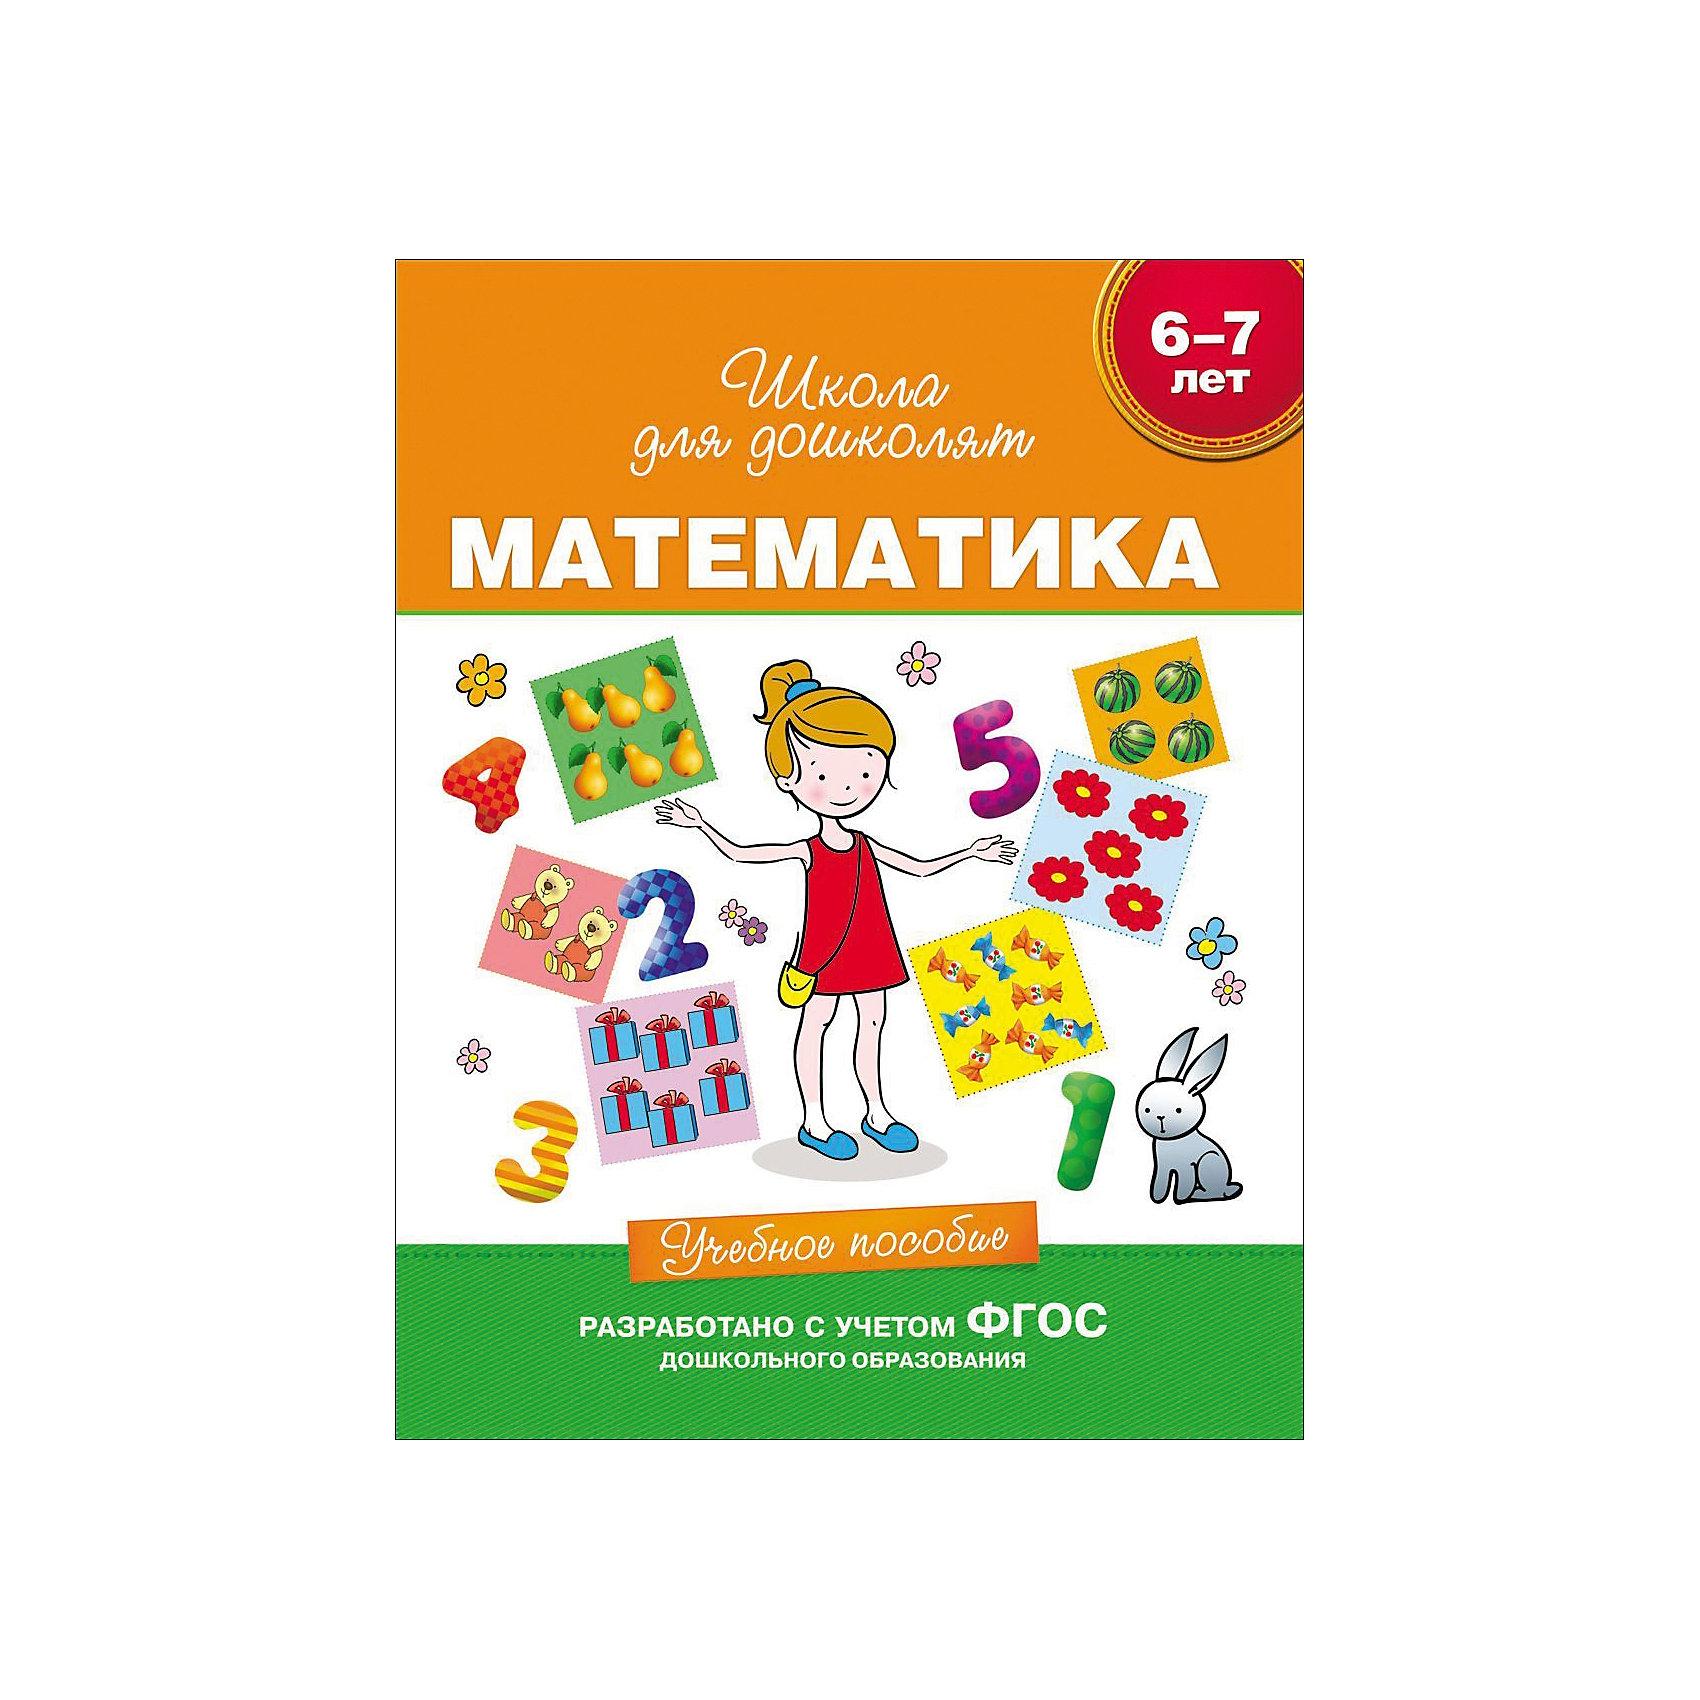 Учебное пособие МатематикаРосмэн<br>Характеристики товара:<br><br>- цвет: разноцветный;<br>- материал: бумага;<br>- страниц: 80;<br>- формат: 26 х 20 см;<br>- цветные иллюстрации;<br>- обложка: мягкая.<br><br>Подготовить ребенка к школе - легко! Это издание станет отличным помощником для родителей. Оно сделано по методике, с помощью которой они могут предлагать ребенку несложные занятия для отработки нужных навыков до автоматизма. Дети с удовольствием выполняют предложенные задания!<br>Выполнение этих упражнений помогает ребенку развивать память, концентрацию внимания, воображение и другие необходимые навыки. Издание произведено из качественных материалов, которые безопасны даже для самых маленьких.<br><br>Издание Учебное пособие Математика от компании Росмэн можно купить в нашем интернет-магазине.<br><br>Ширина мм: 260<br>Глубина мм: 200<br>Высота мм: 10<br>Вес г: 210<br>Возраст от месяцев: 60<br>Возраст до месяцев: 84<br>Пол: Унисекс<br>Возраст: Детский<br>SKU: 5110219